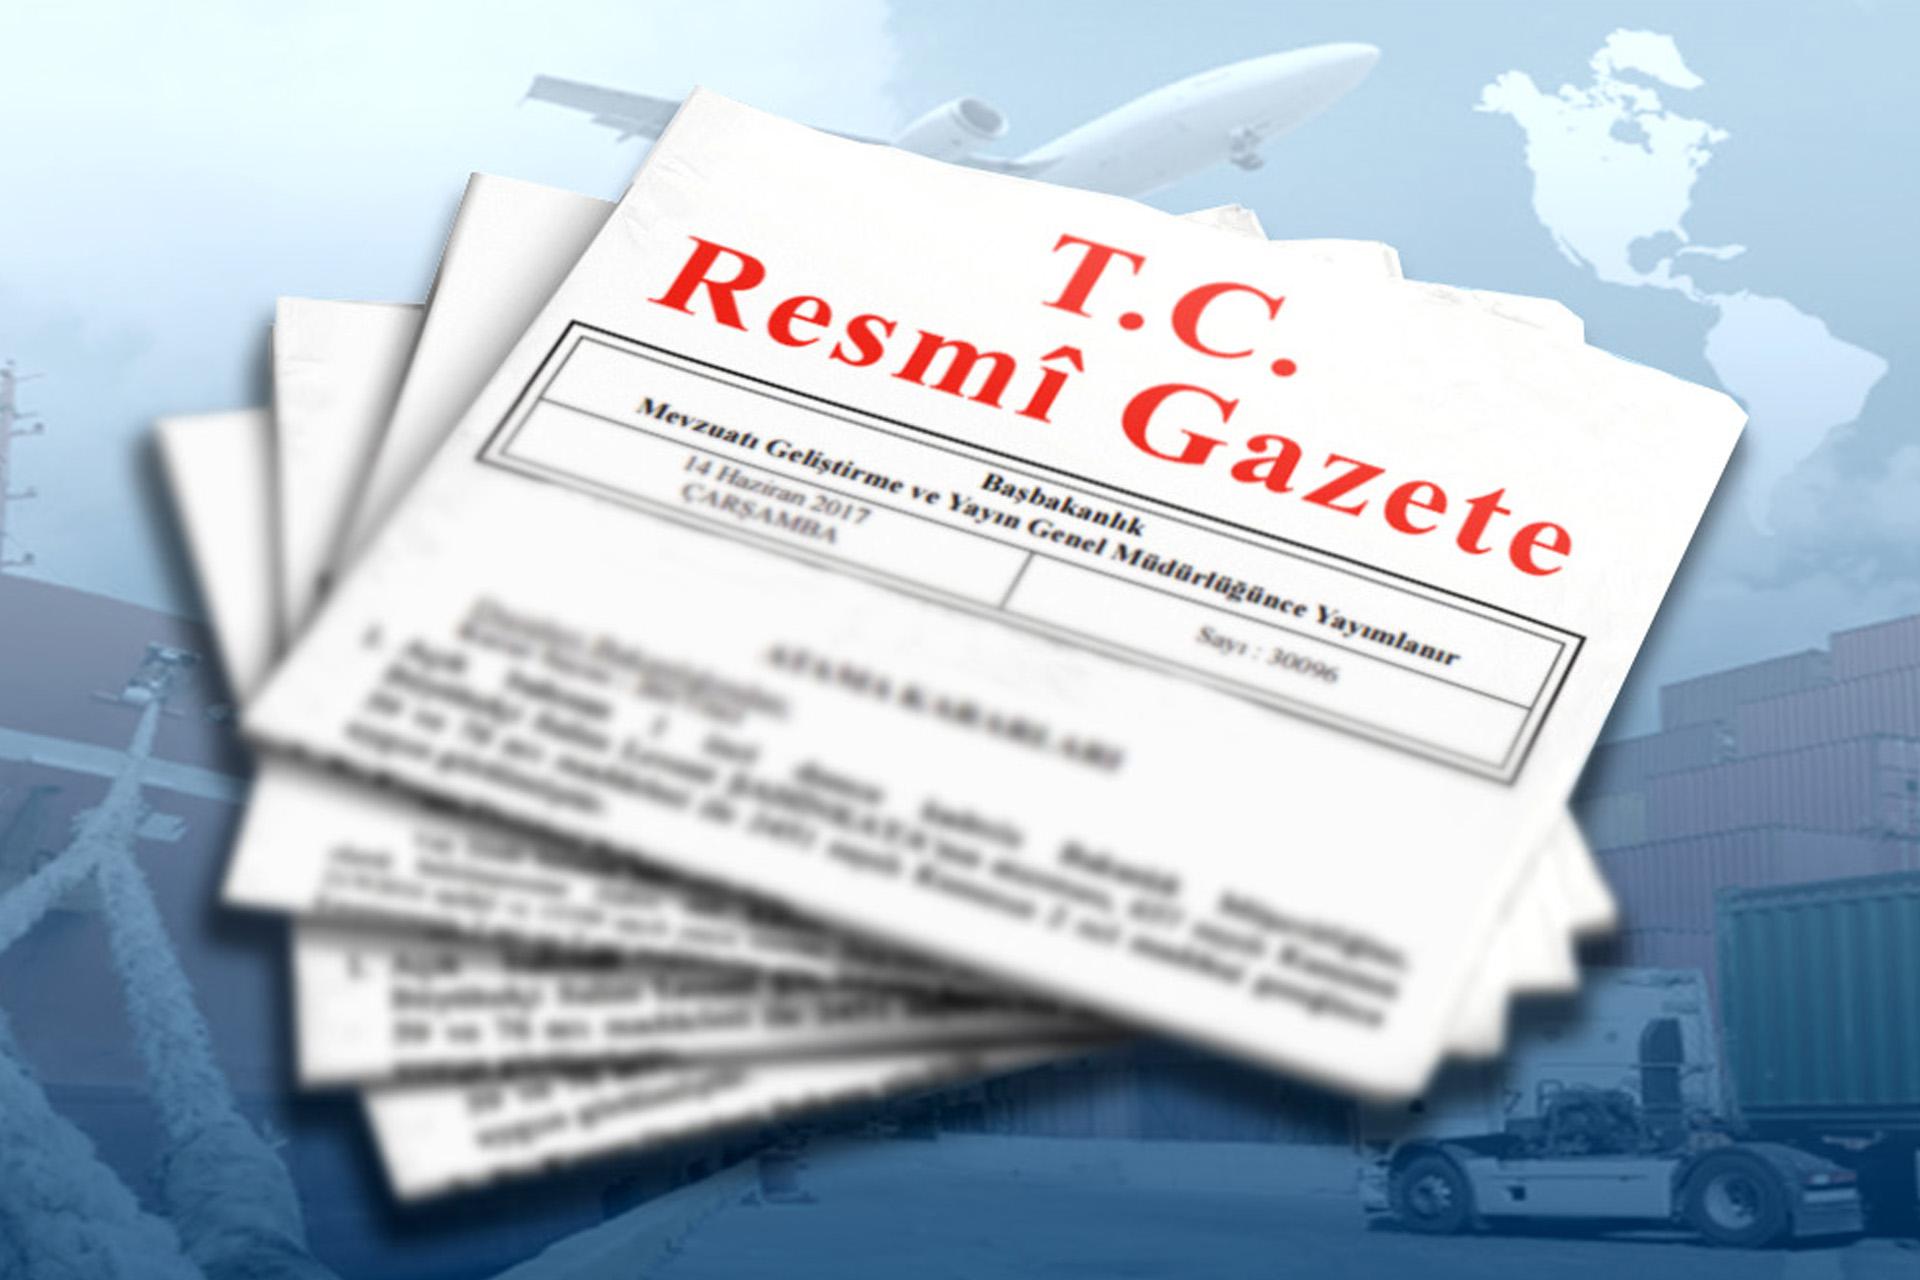 Resmi Gazete'de bugün (30.06.2021)   30 Haziran 2021 Resmi Gazete kararları